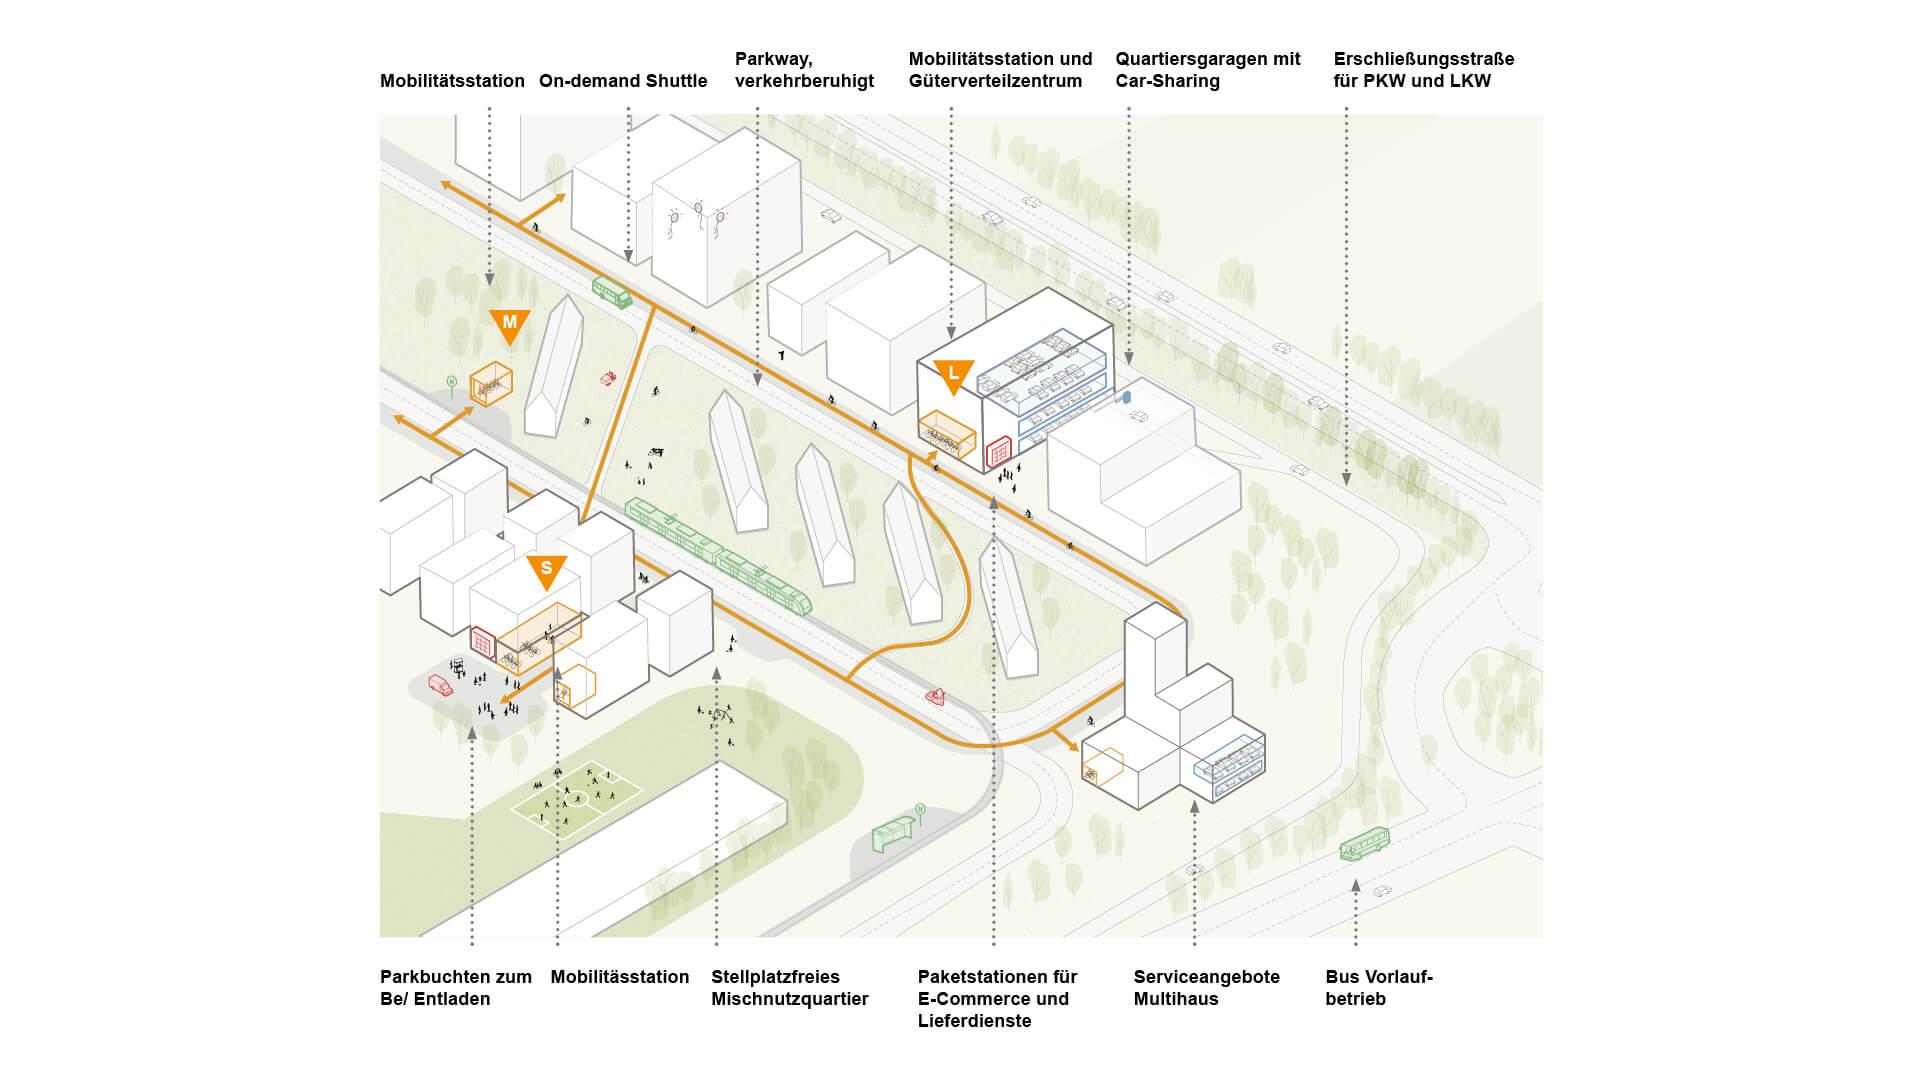 Vereinfachte Darstellung des Mobilitätskonzeptes auf PHV © urban standards Dynamischer Masterplan